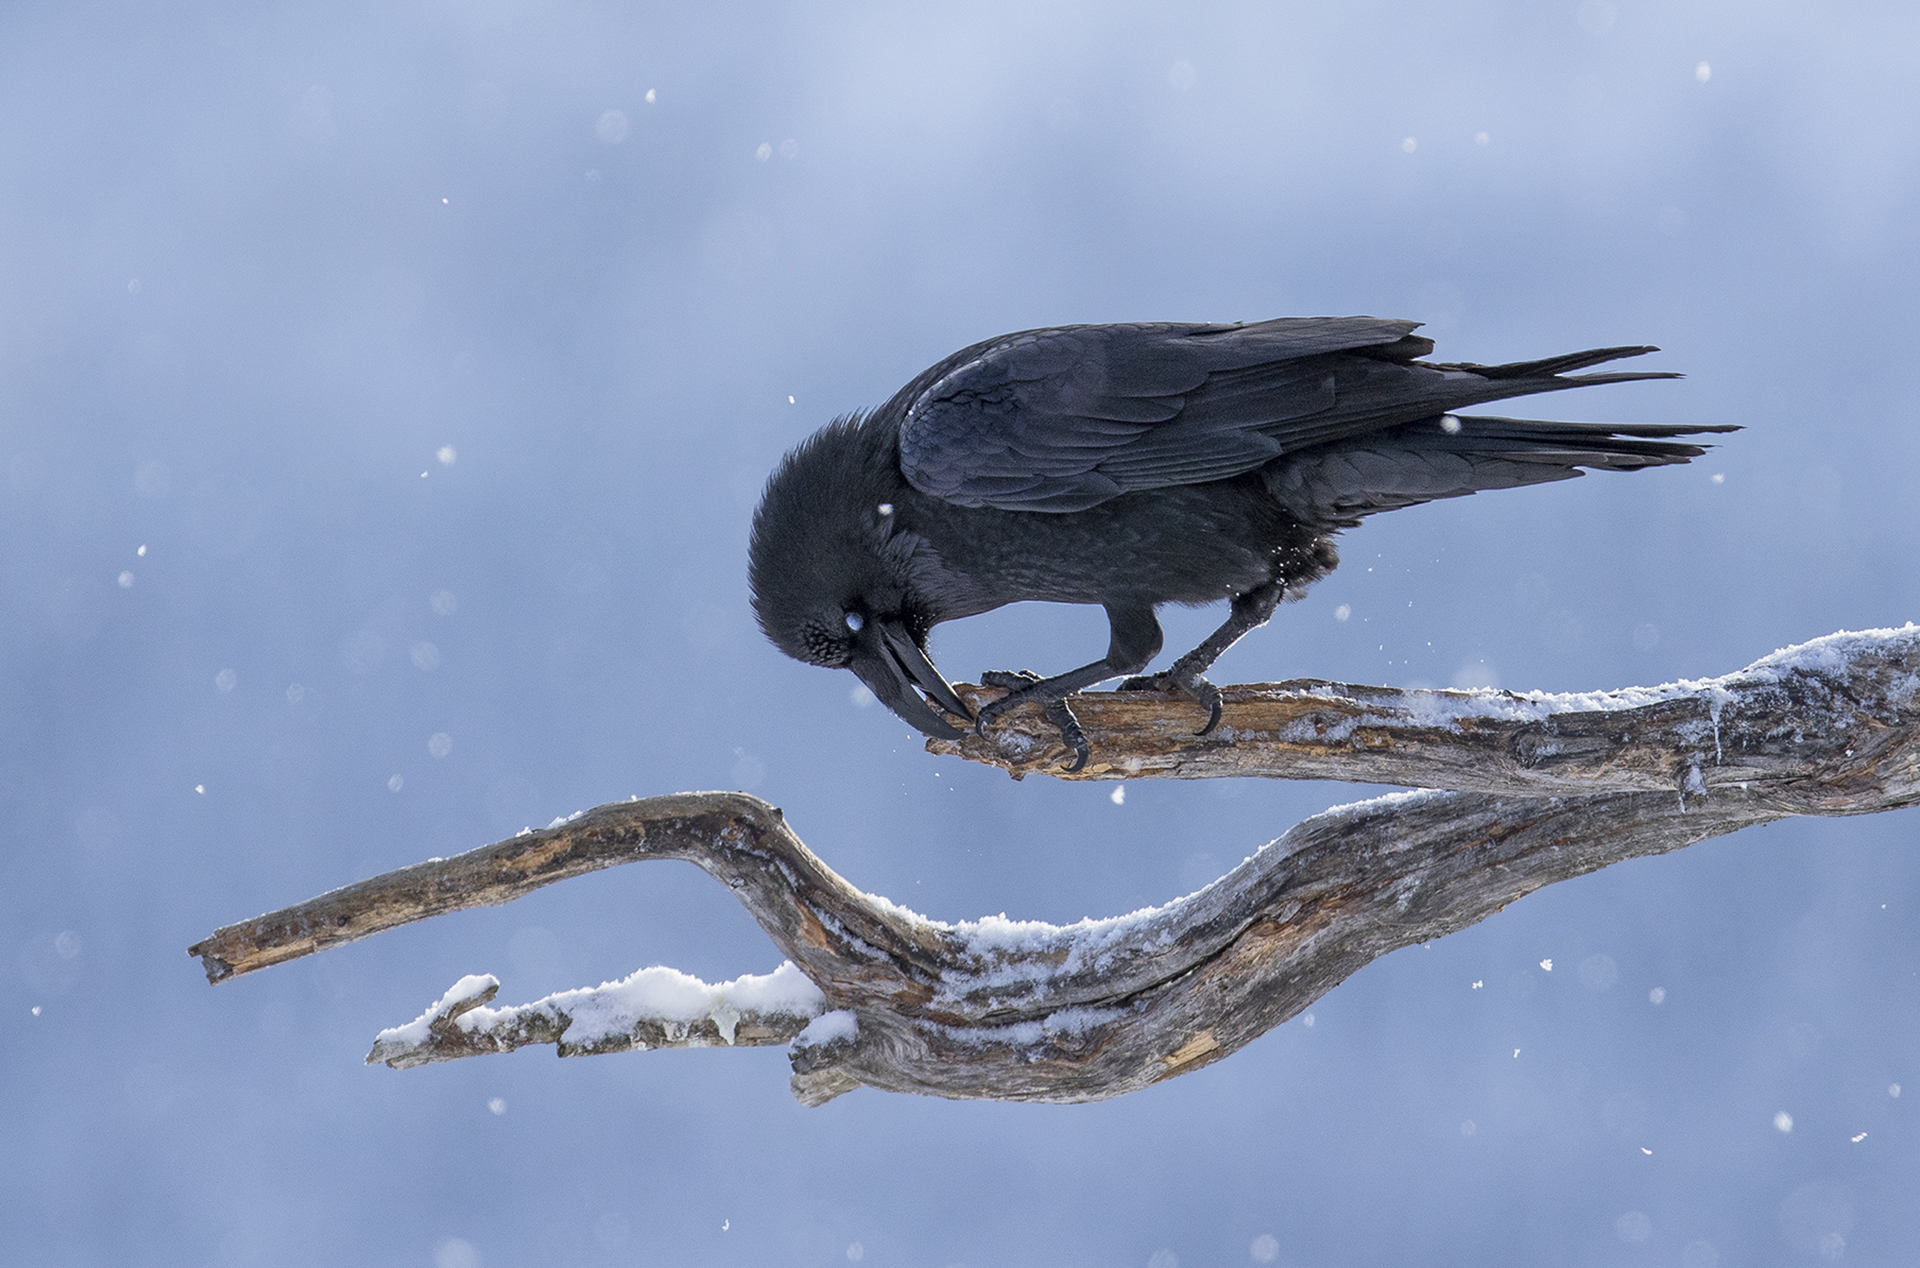 Raven cleaning the beak, Bjørn Dykesteen